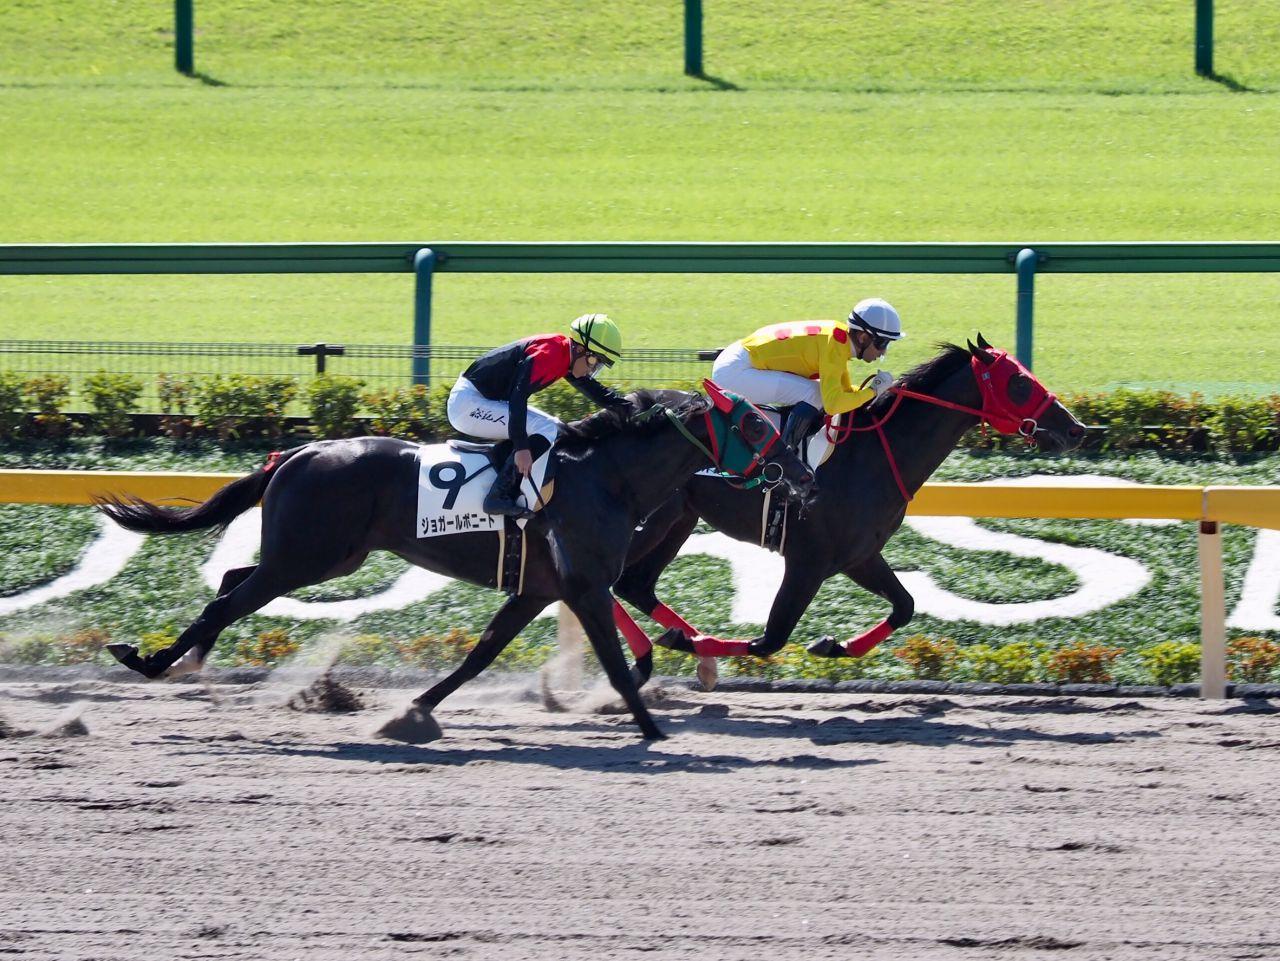 【東京1R/2歳未勝利】圧倒的人気のオリオンパッチが逃げ切る!2着馬と熾烈な追い比べ